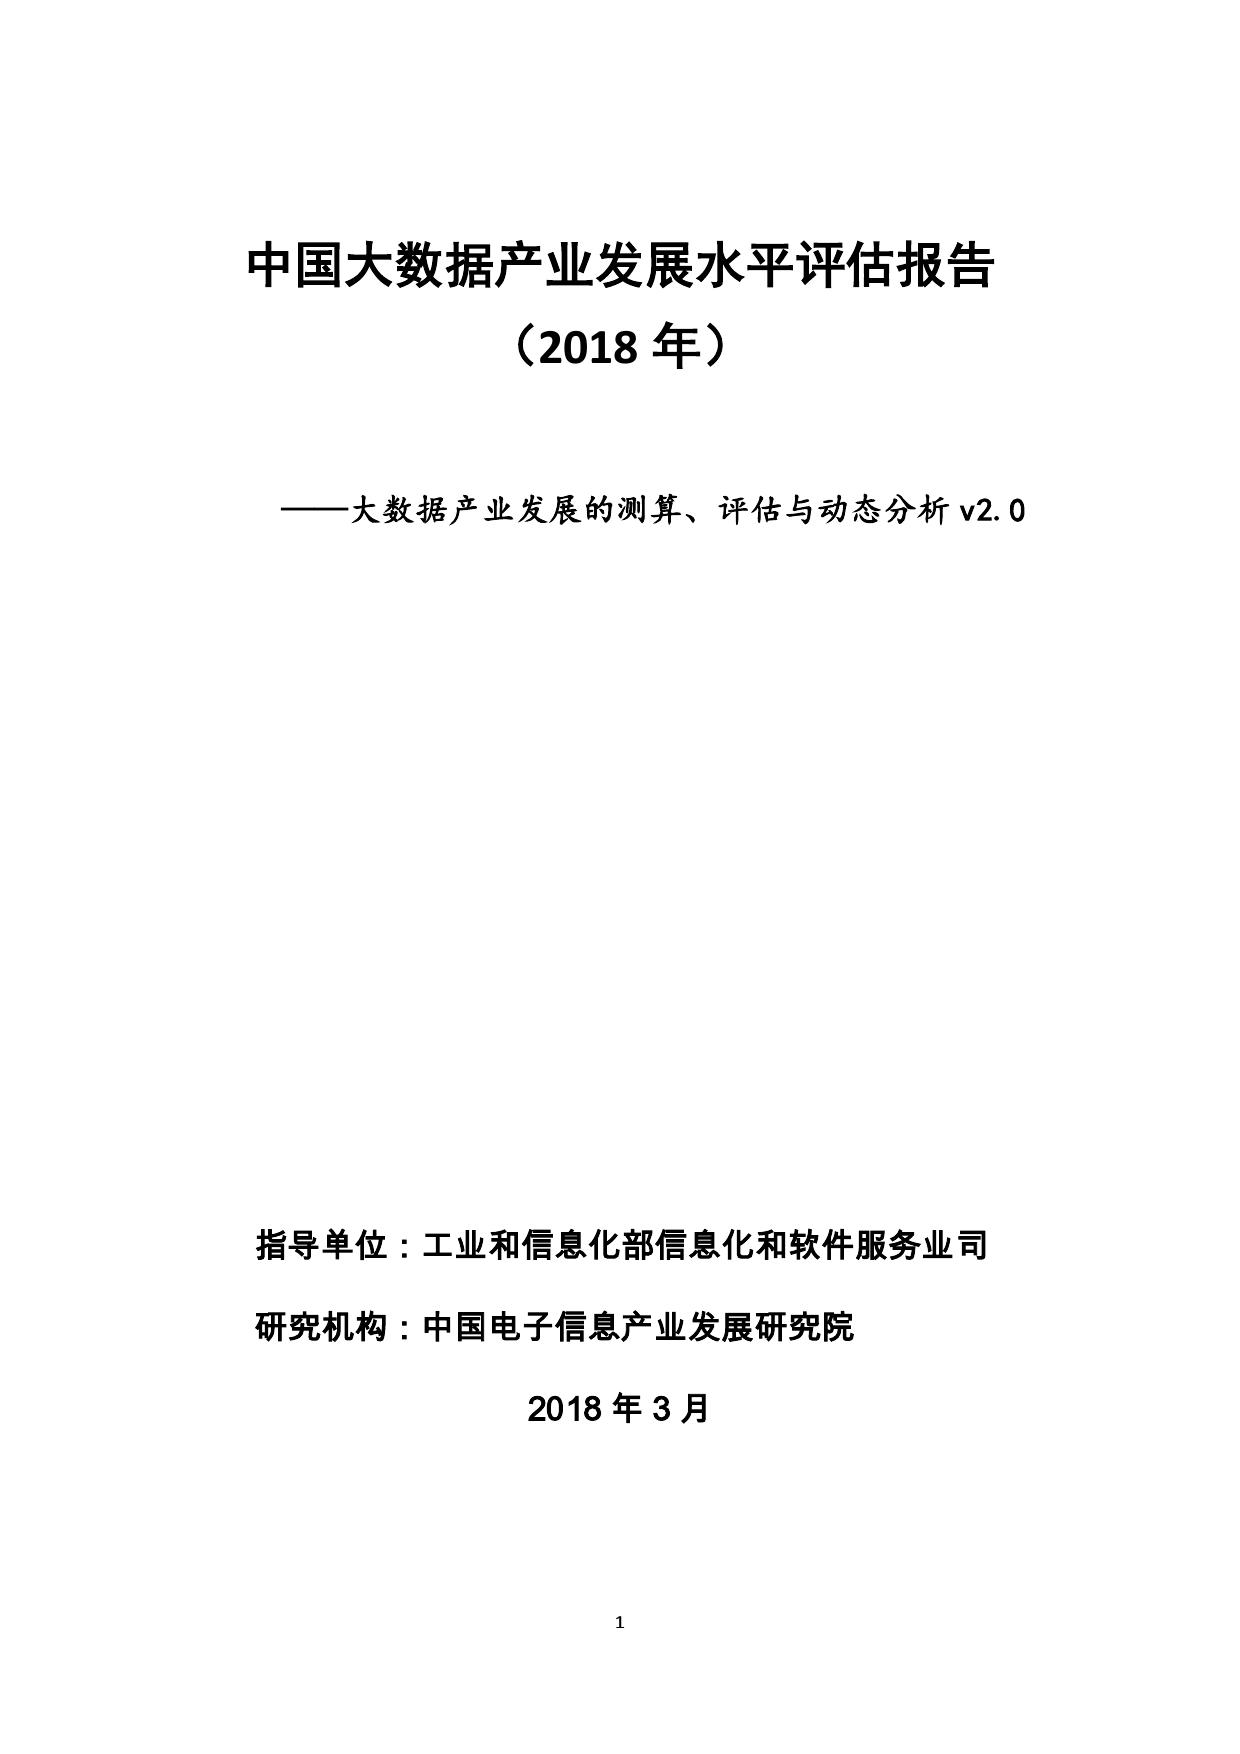 赛迪智库:2018年中国大数据产业发展水平评估报告(附下载)